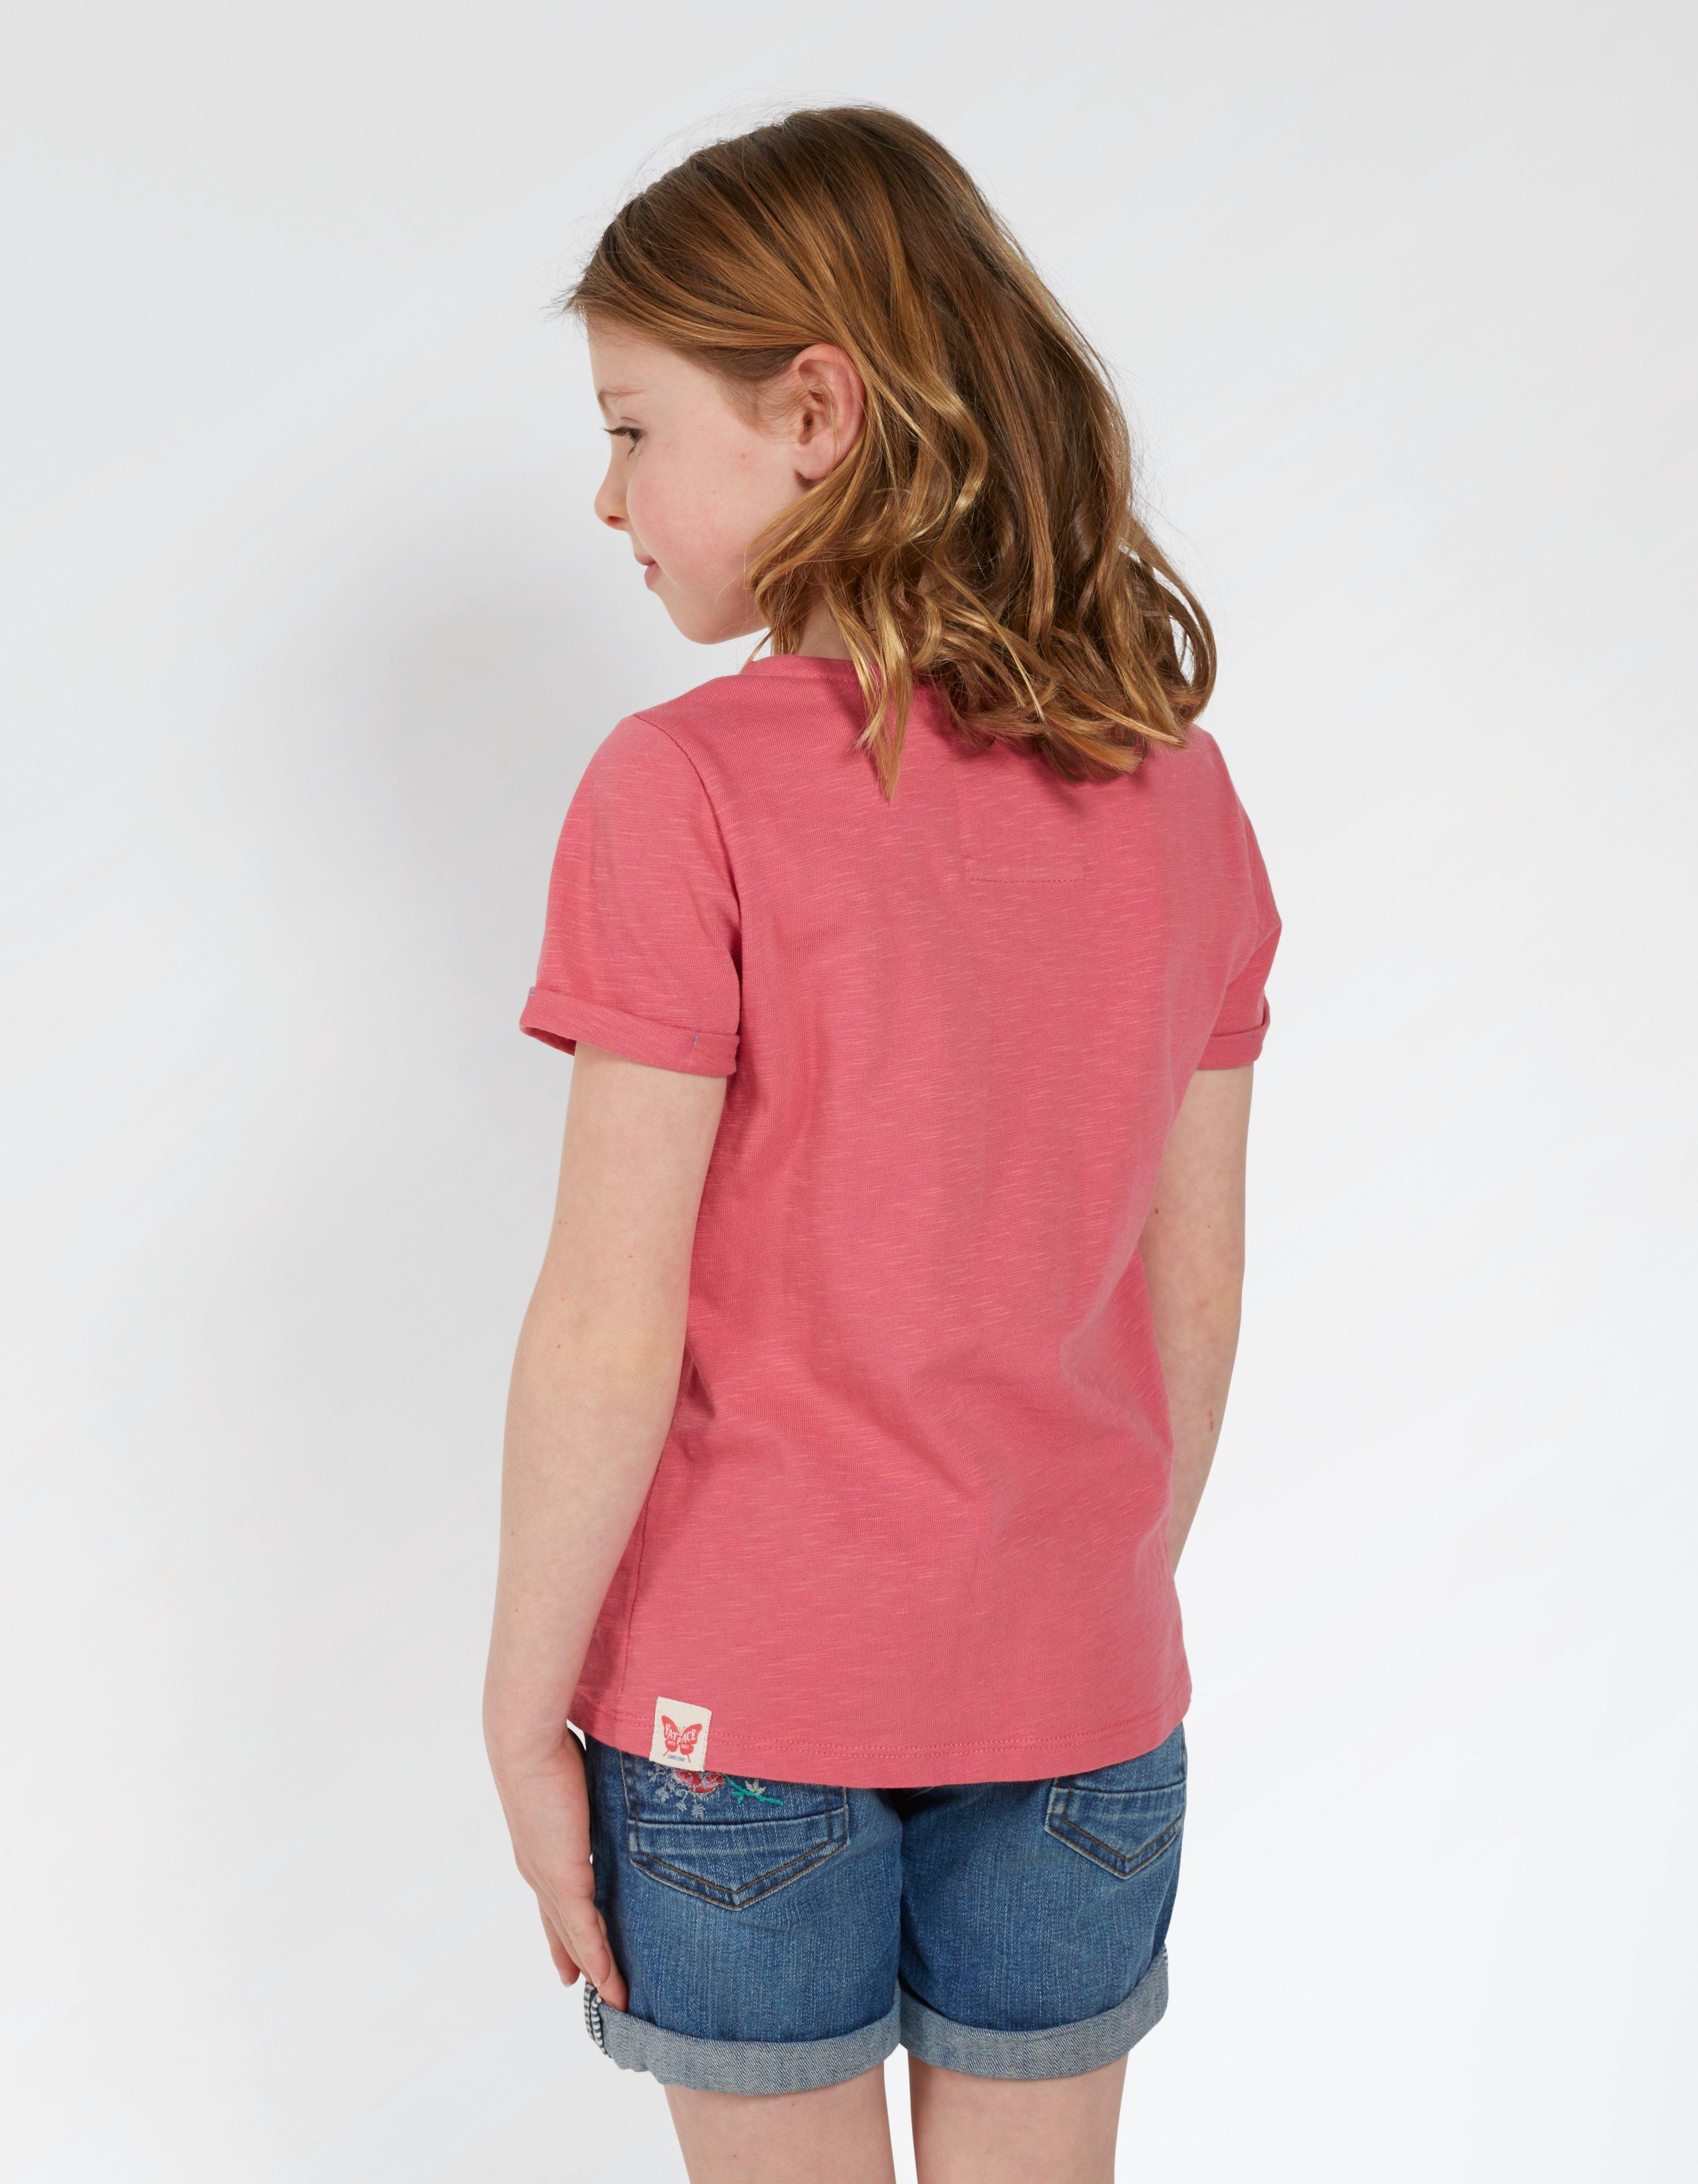 Plain T Shirt